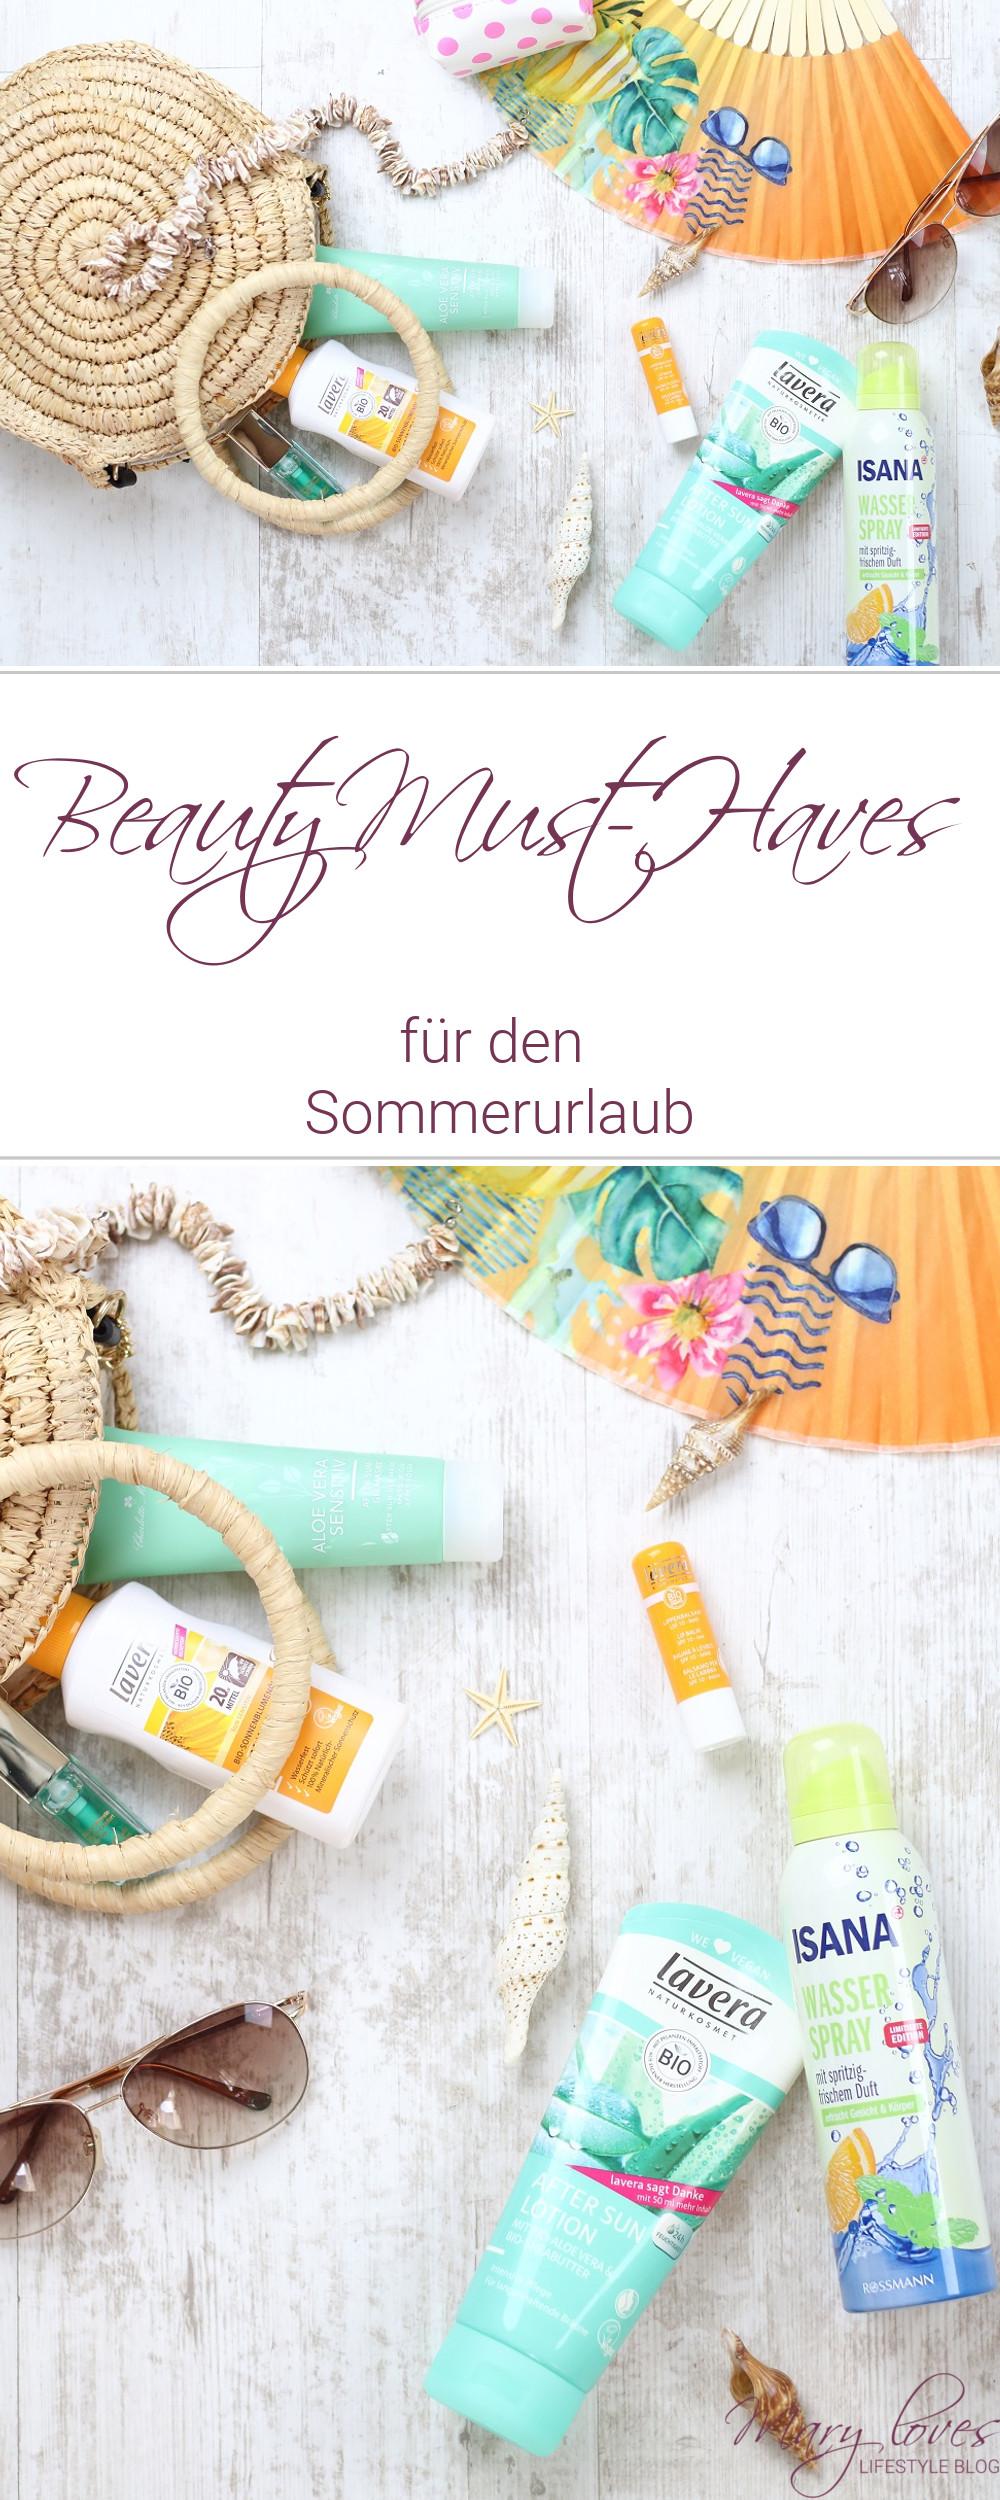 [Werbung unbeauftragt] Meine Beauty-Must-Haves für den Sommerurlaub - #beauty #beautymusthaves #sommerprodukte #sonnencreme #erfrischungsspray #urlaubspflege #noops #sommerpflege